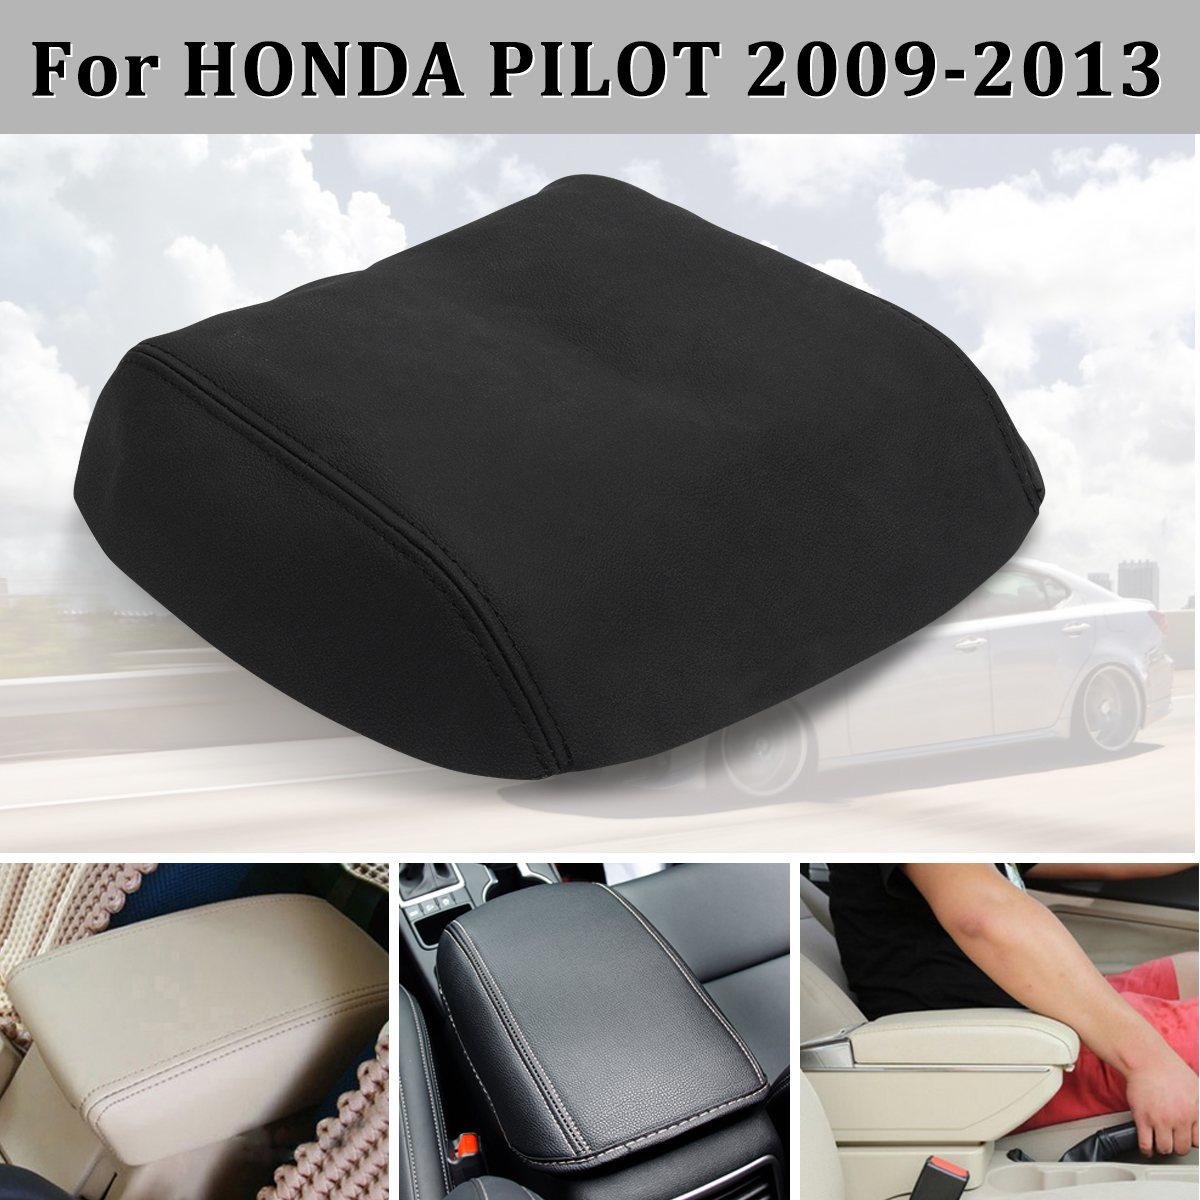 Center Console Cover for 2009 2010 2011 2012 2013 Honda Pilot Armrest Cover